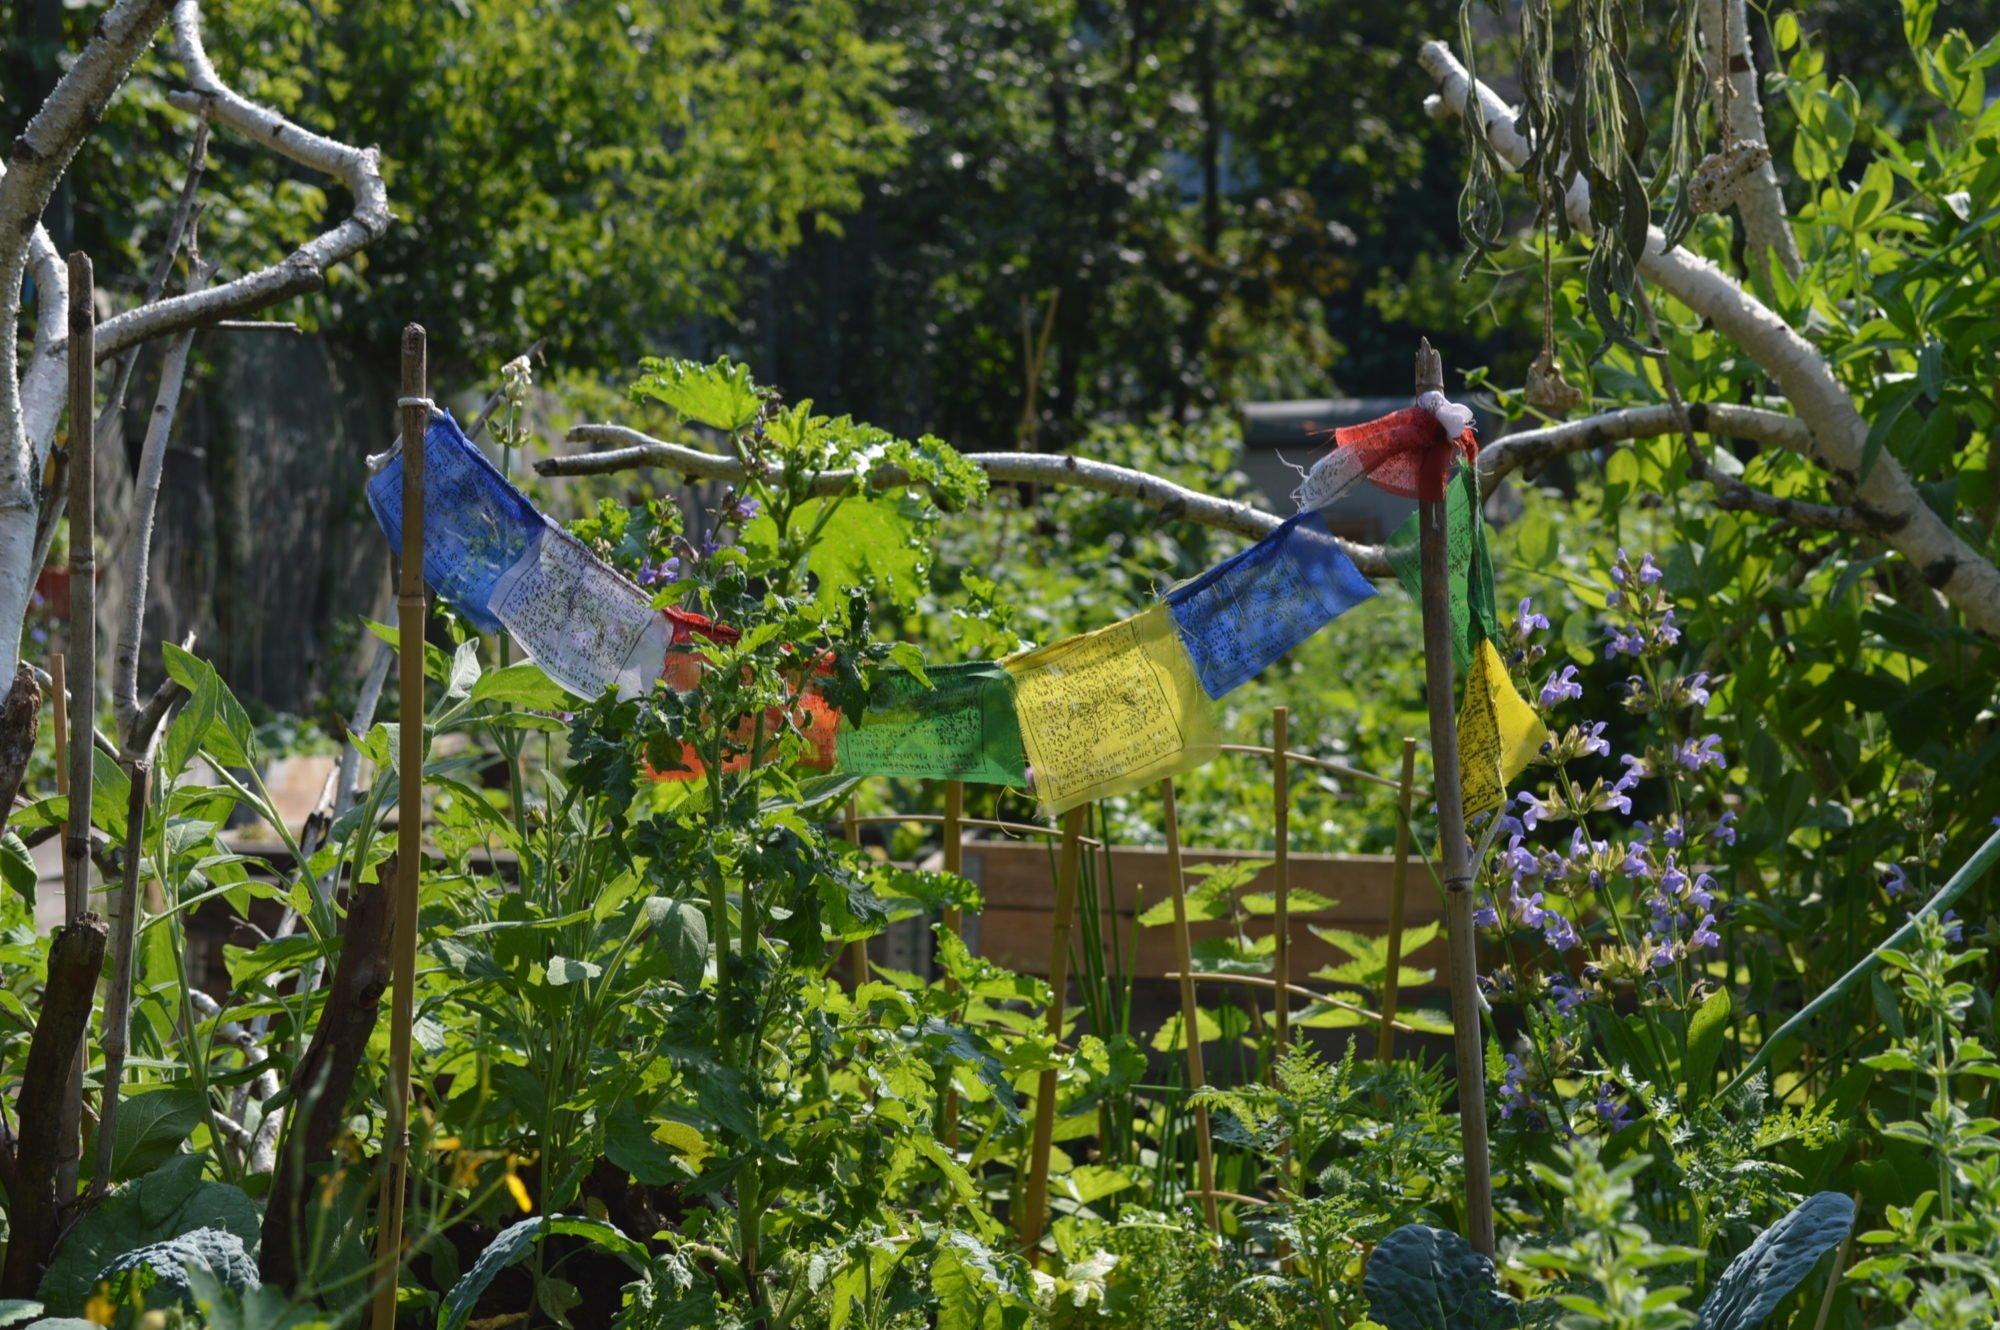 Gartenansicht mit viel Grün und einer bunten Wimpelkette, die zwischen zwei Stöcken befestigt ist